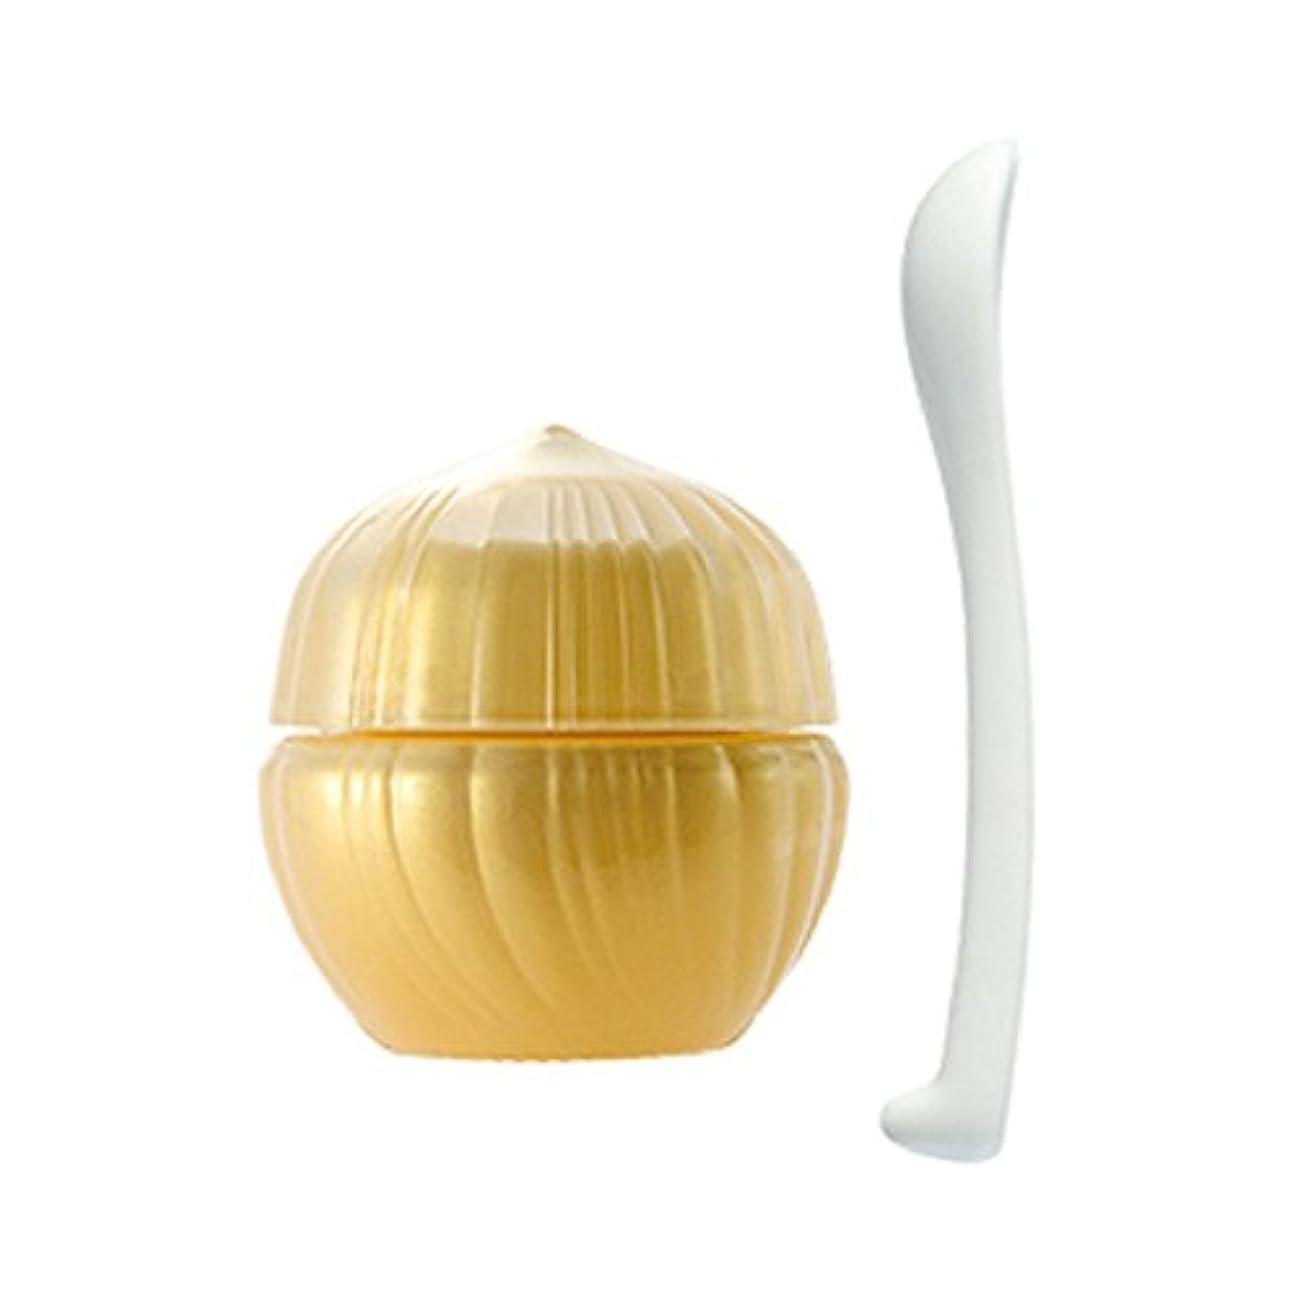 バリー芽テラス<薬用美白クリーム>アユーラ センシエンス バイタラクティブスキンポット(医薬部外品)